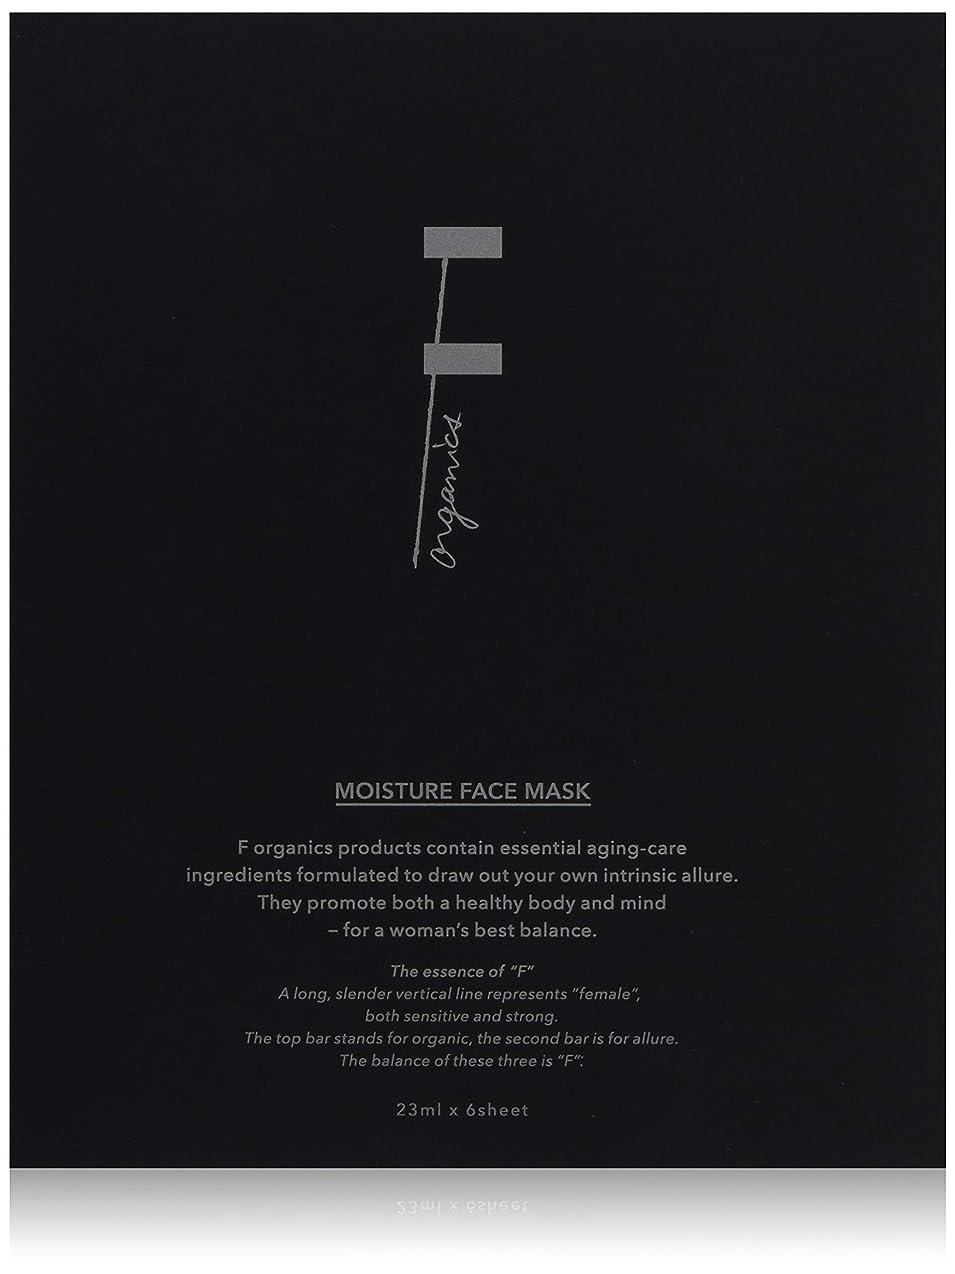 ライオン乗算十分ではないF organics(エッフェオーガニック) モイスチャーフェイスマスク(23mL×6枚入)